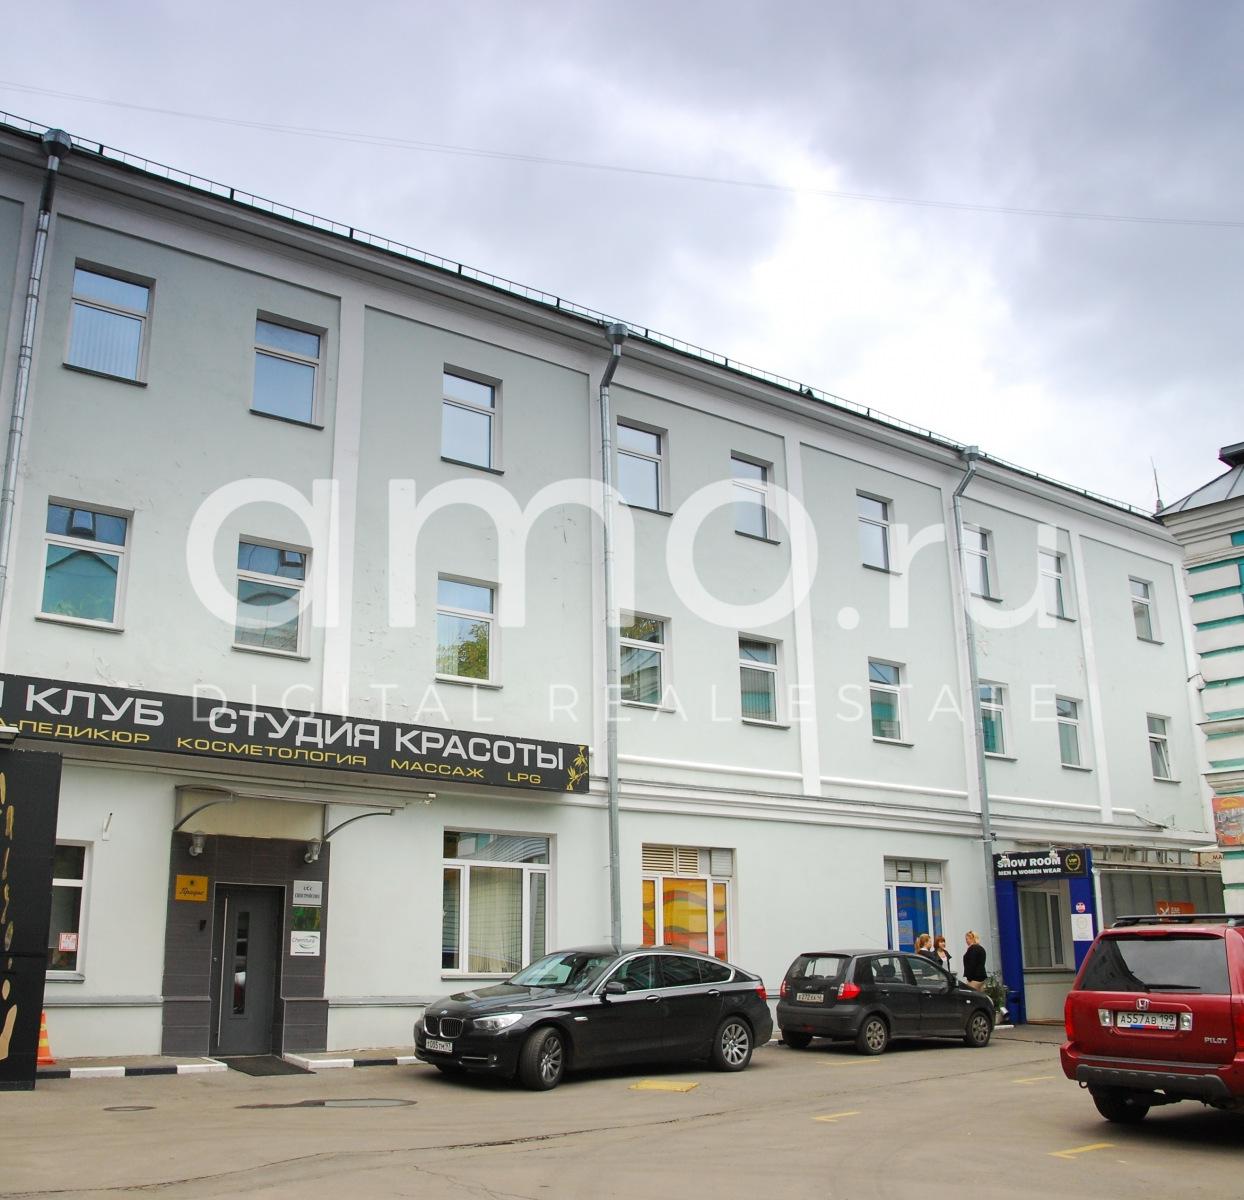 Сайт поиска помещений под офис Садовая-Каретная улица аренда офиса в перми ленинский район